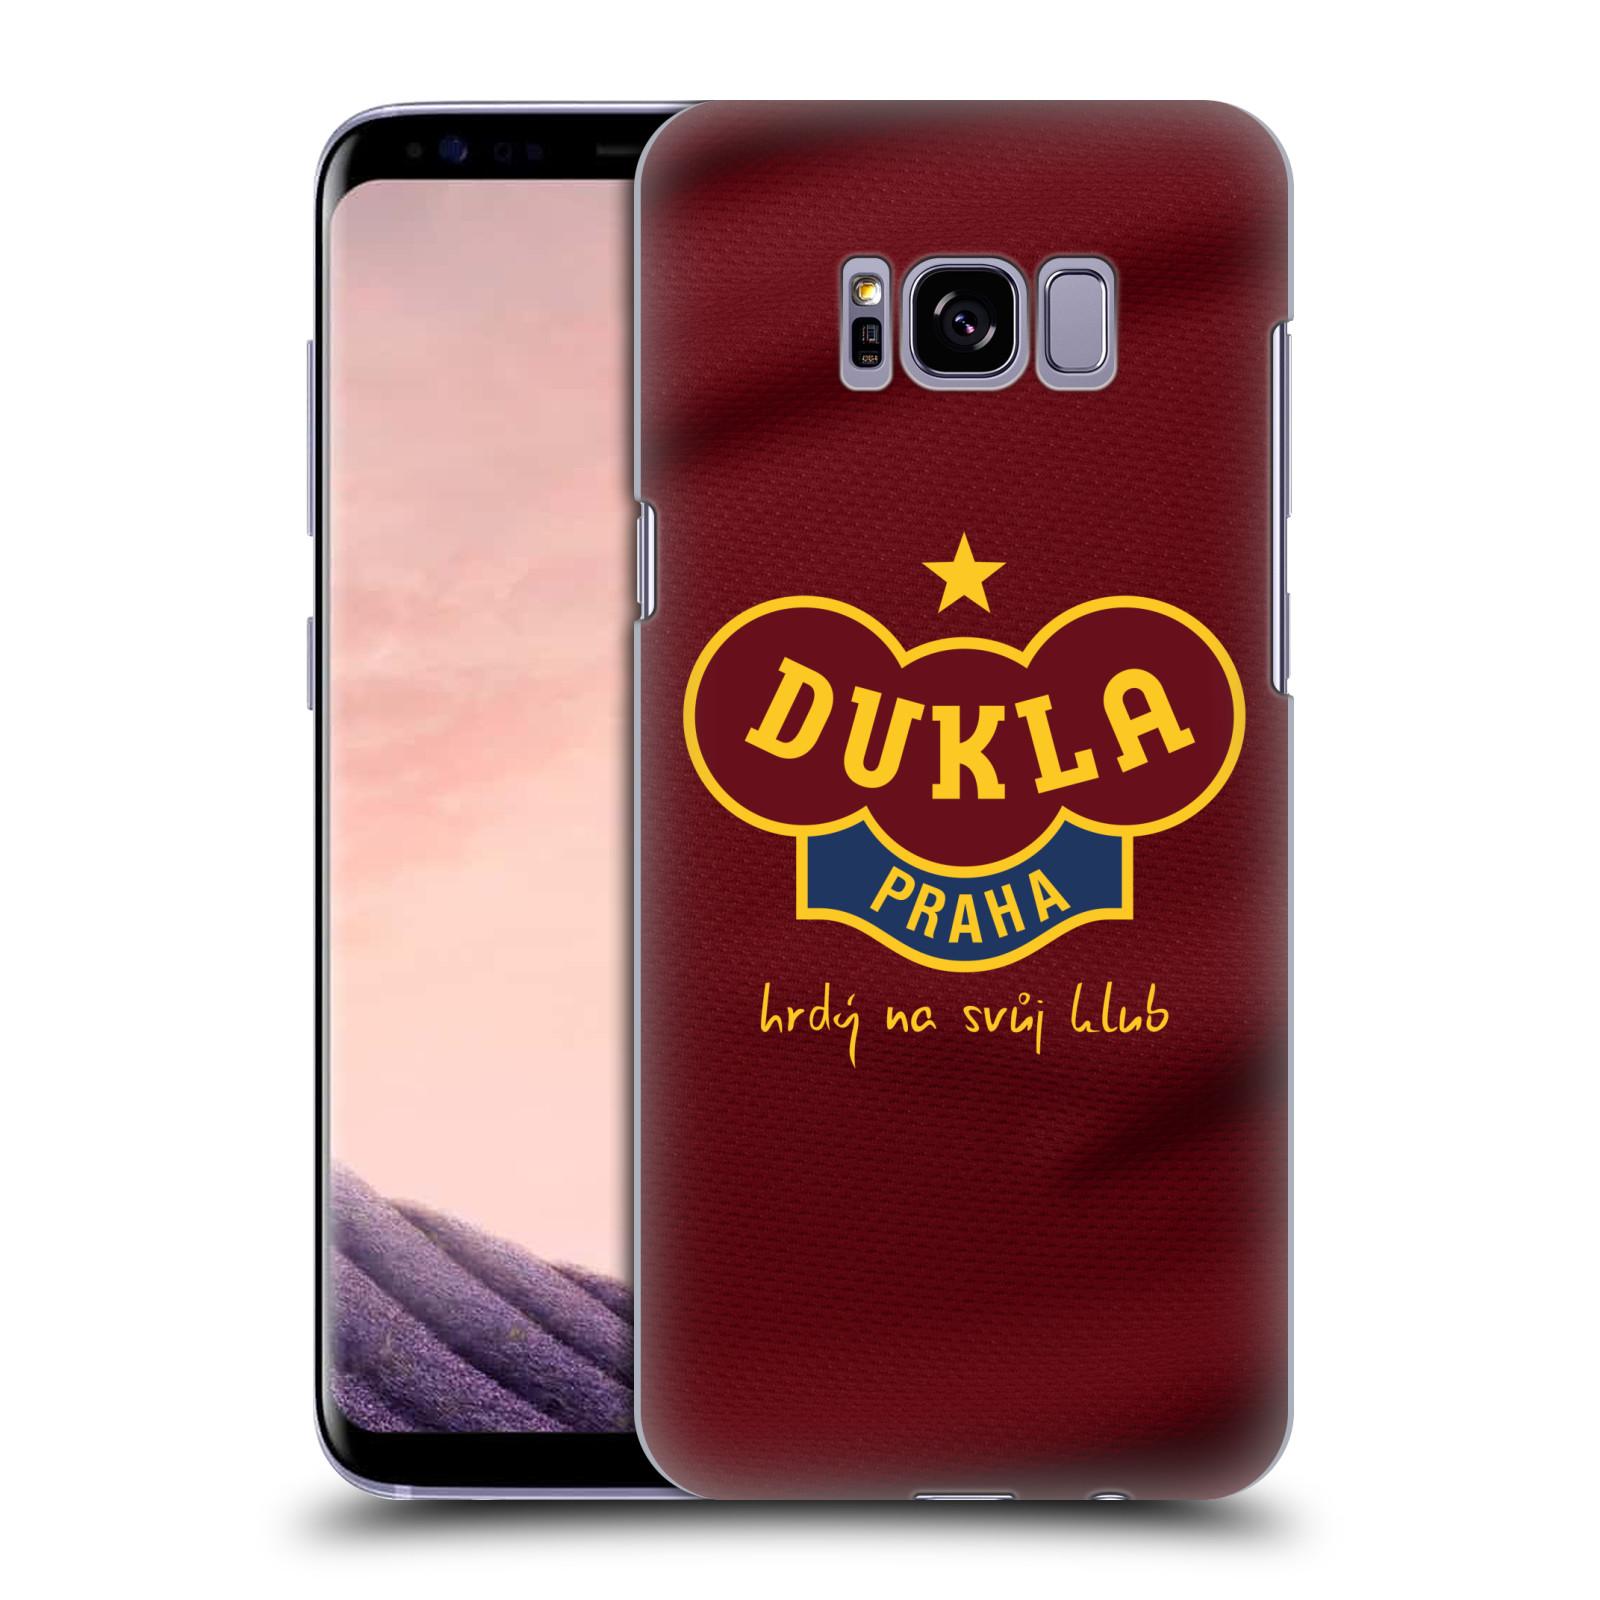 Plastové pouzdro na mobil Samsung Galaxy S8+ (Plus) - FK Dukla Praha - Vínově červený dres